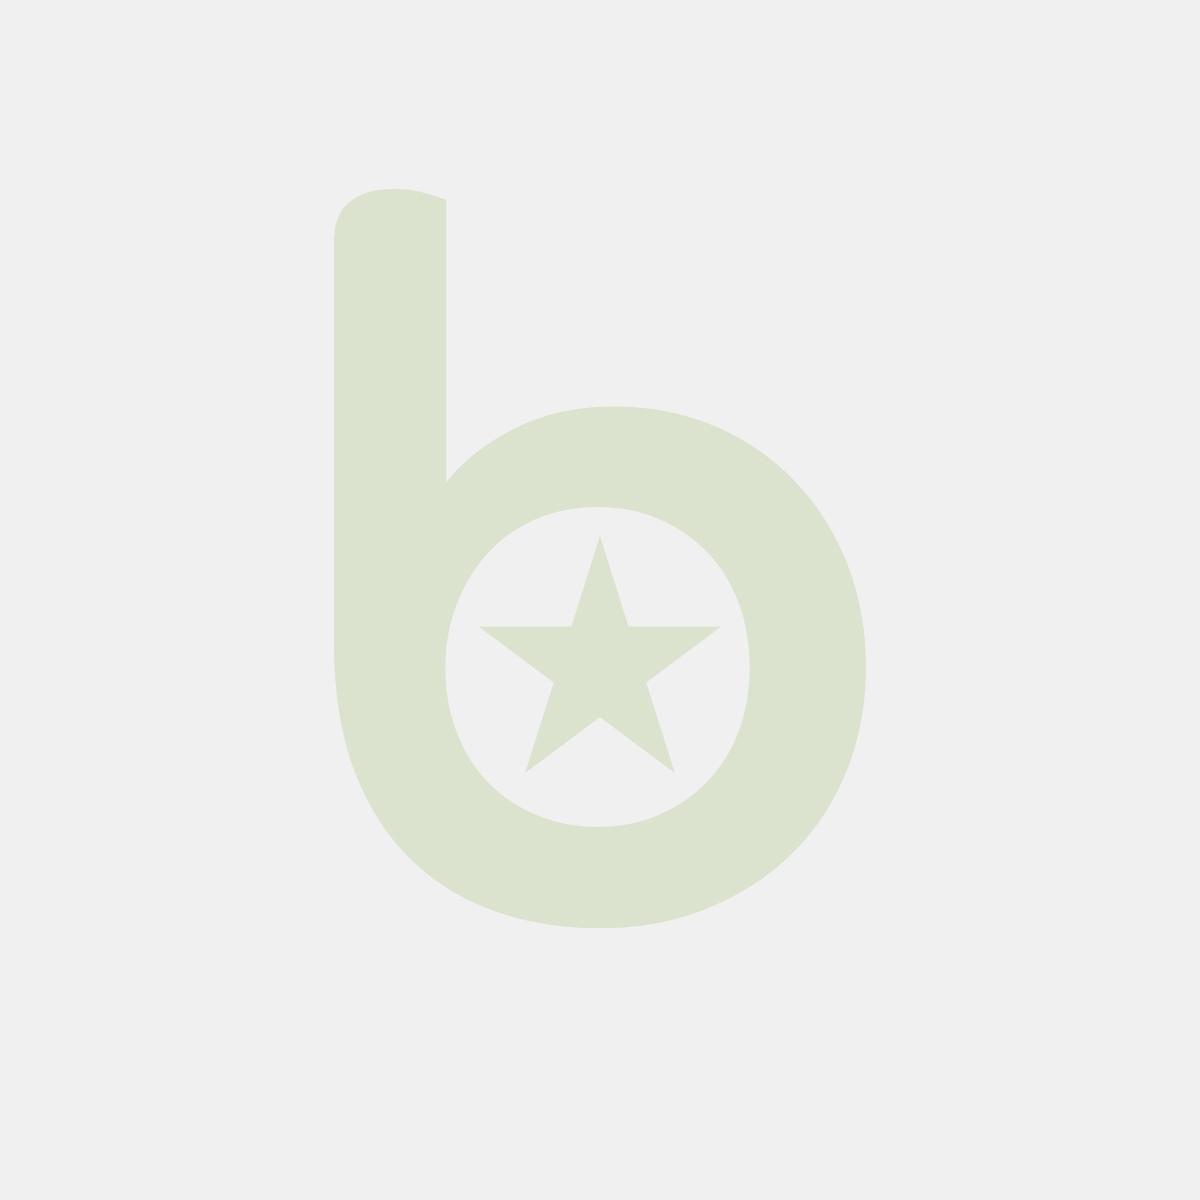 Czepek z włókniny PAPSTAR typ clip, średnica 30 cm, kolor biały, cena za opakowanie 100szt